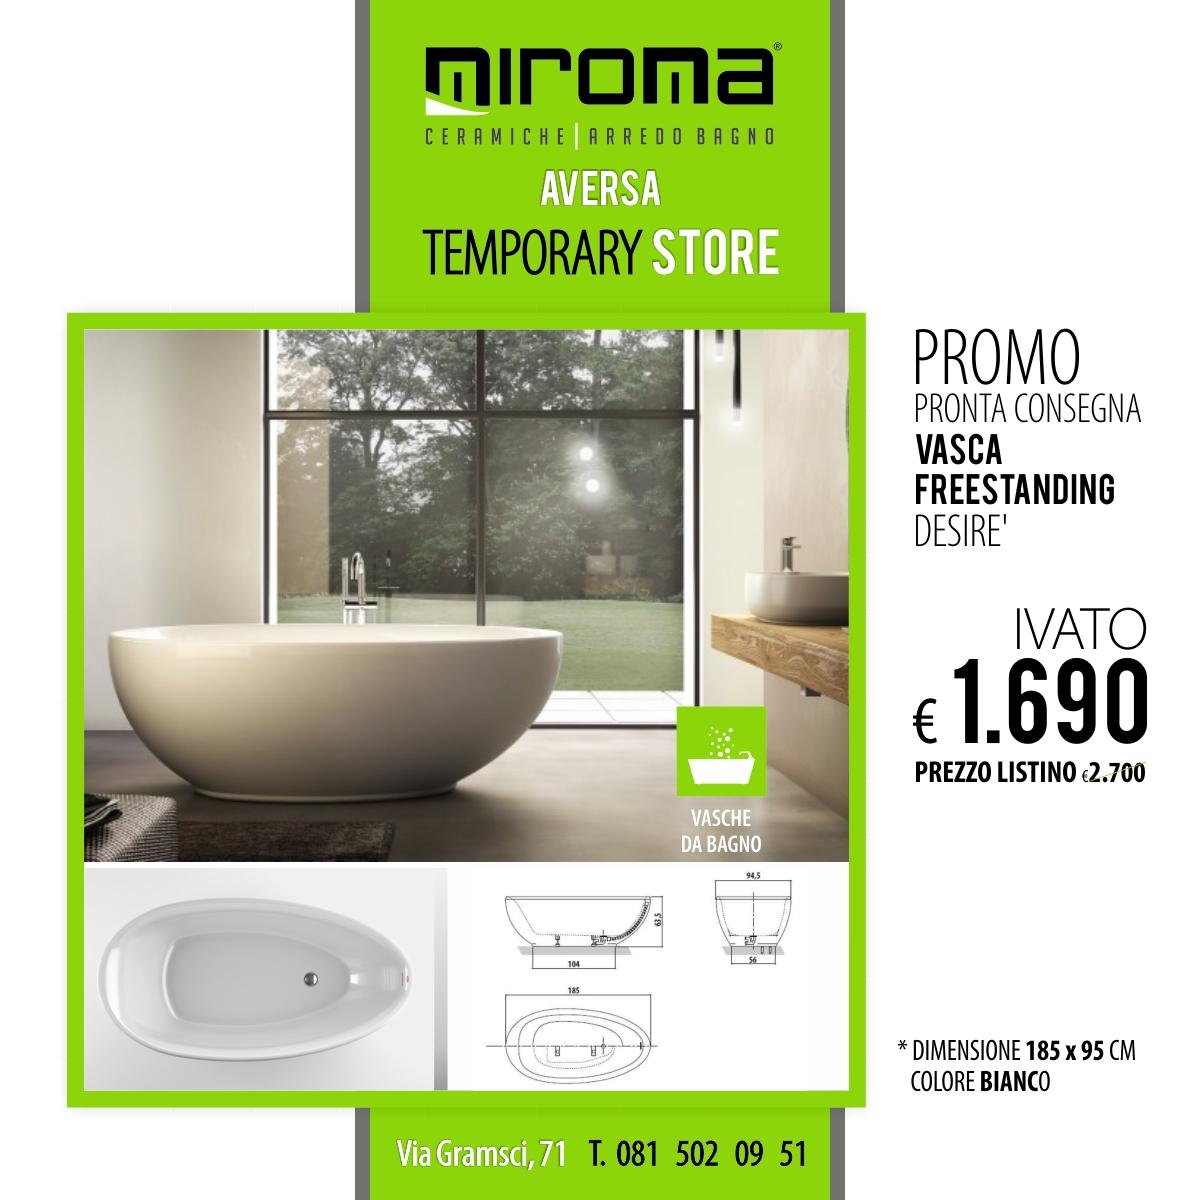 Arredo Bagno Pronta Consegna.Vasca Da Bagno Desire Freestanding Miroma Ceramiche